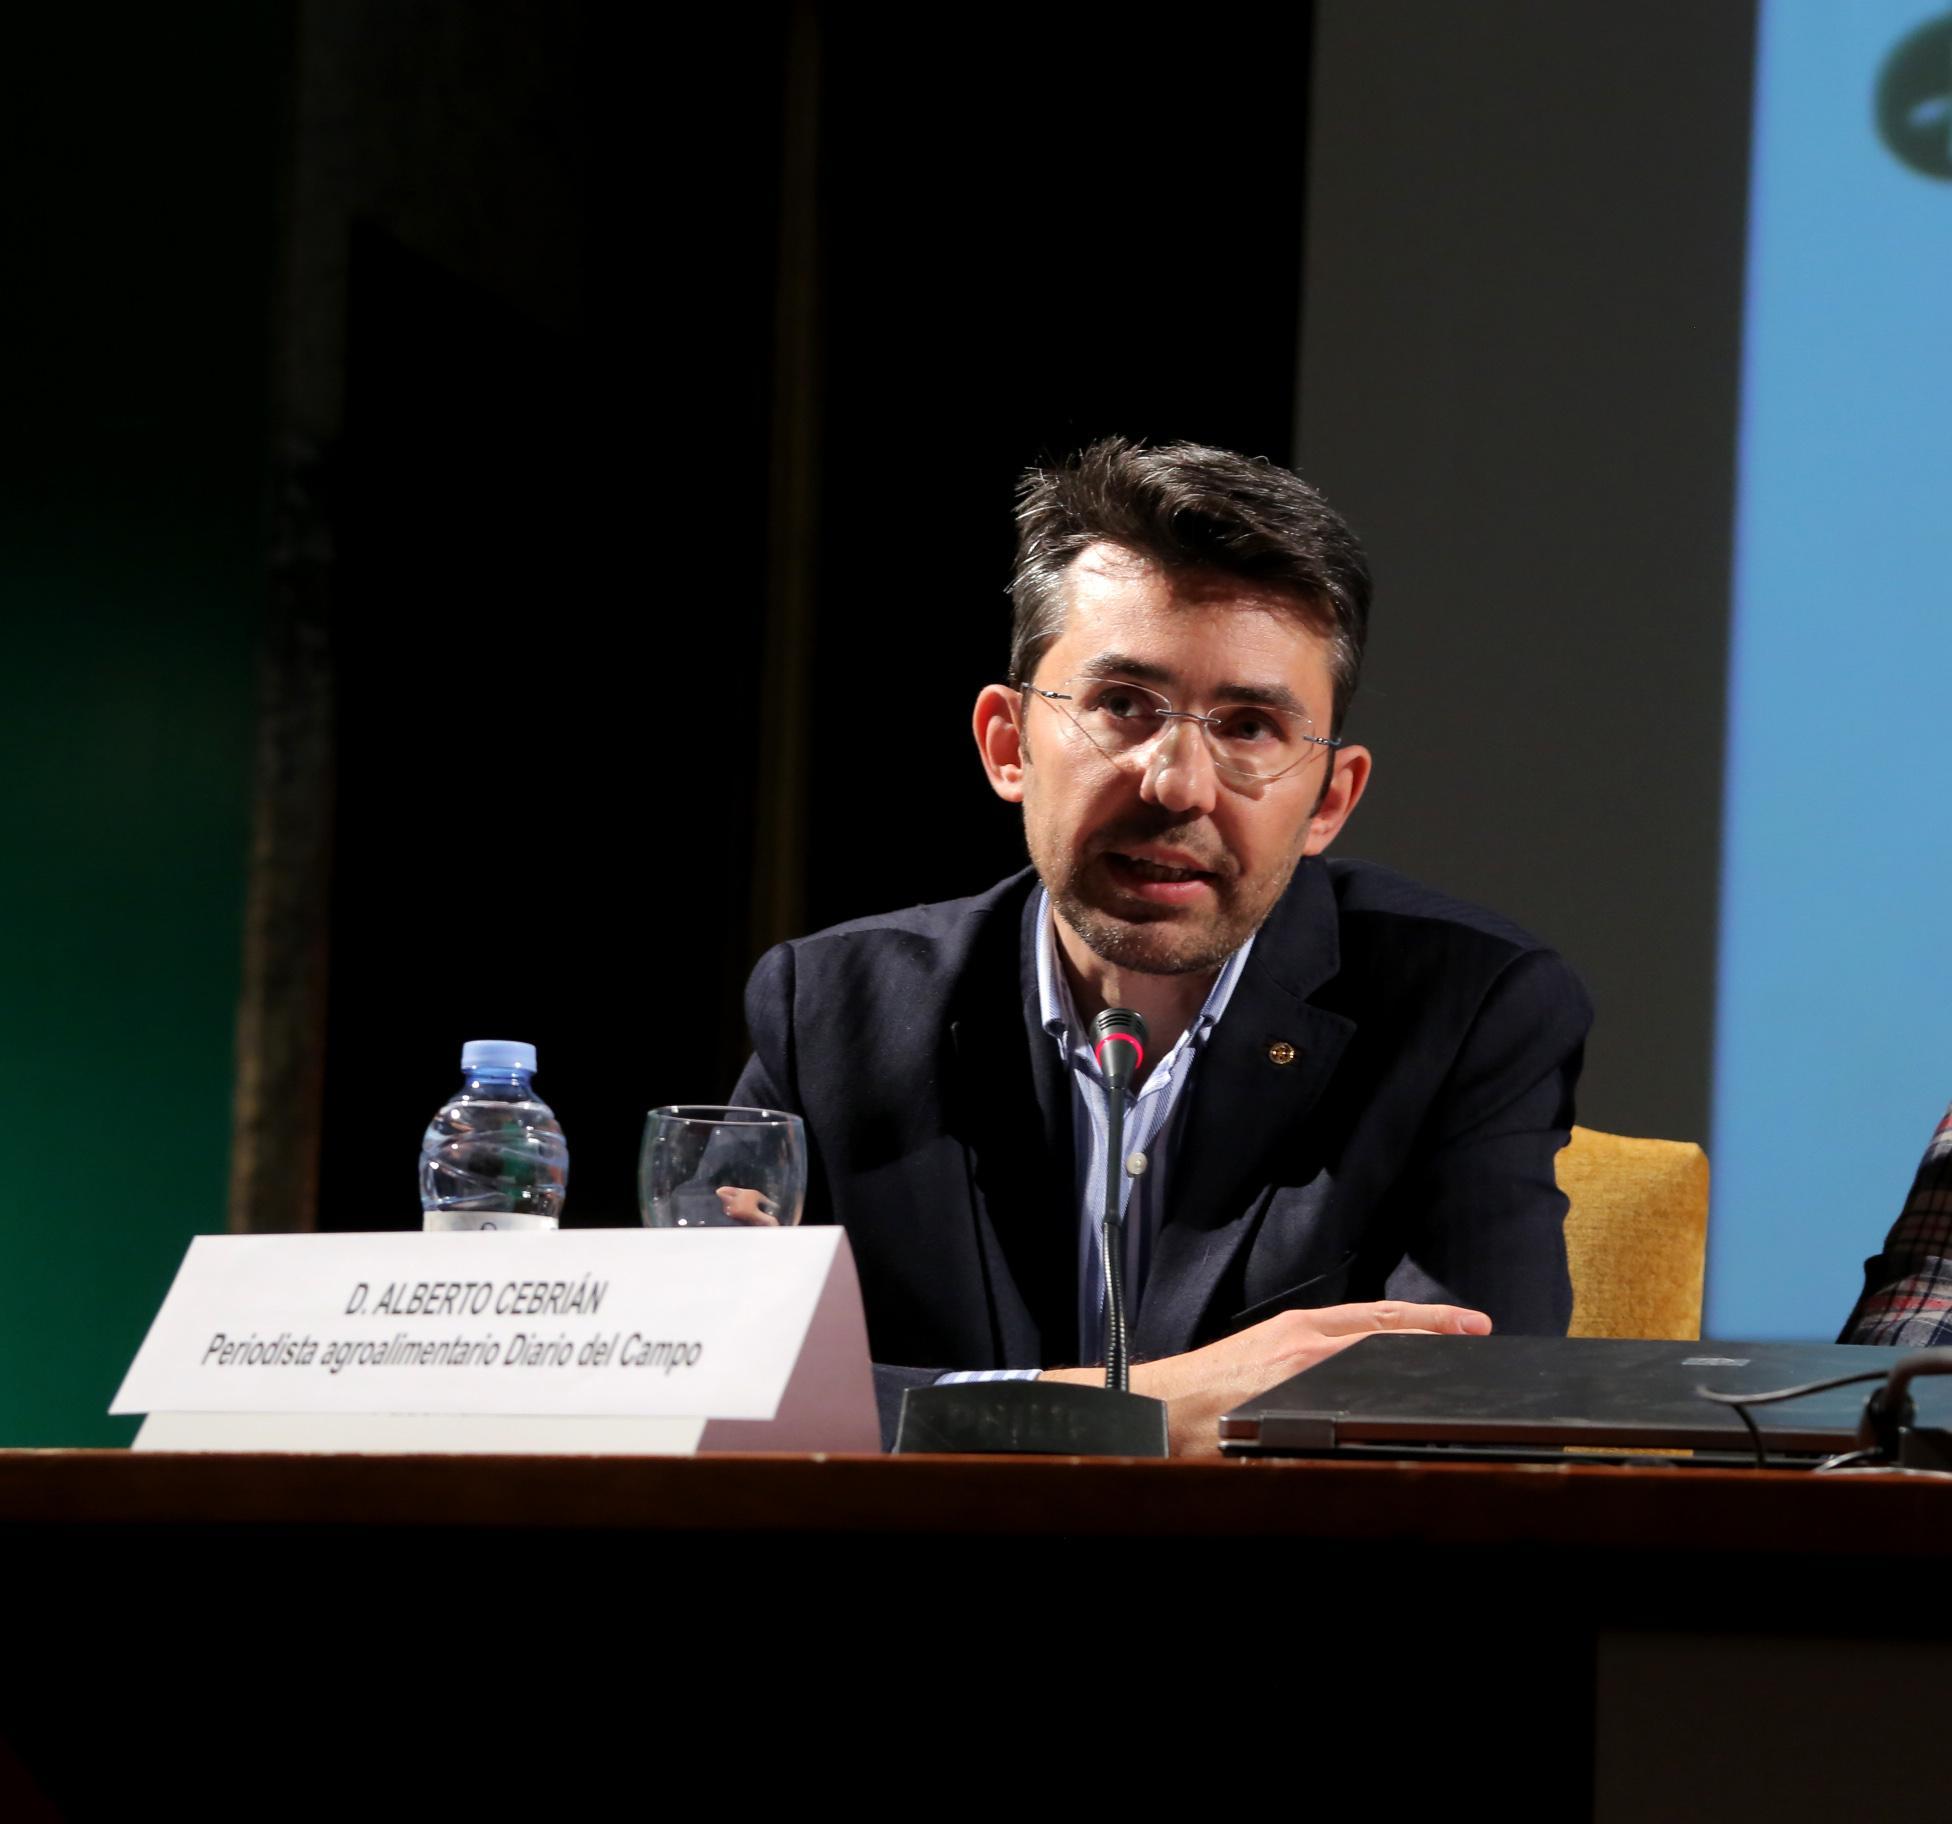 D. Alberto Cebrian, Periodista agroalimentario. Diario del Campo